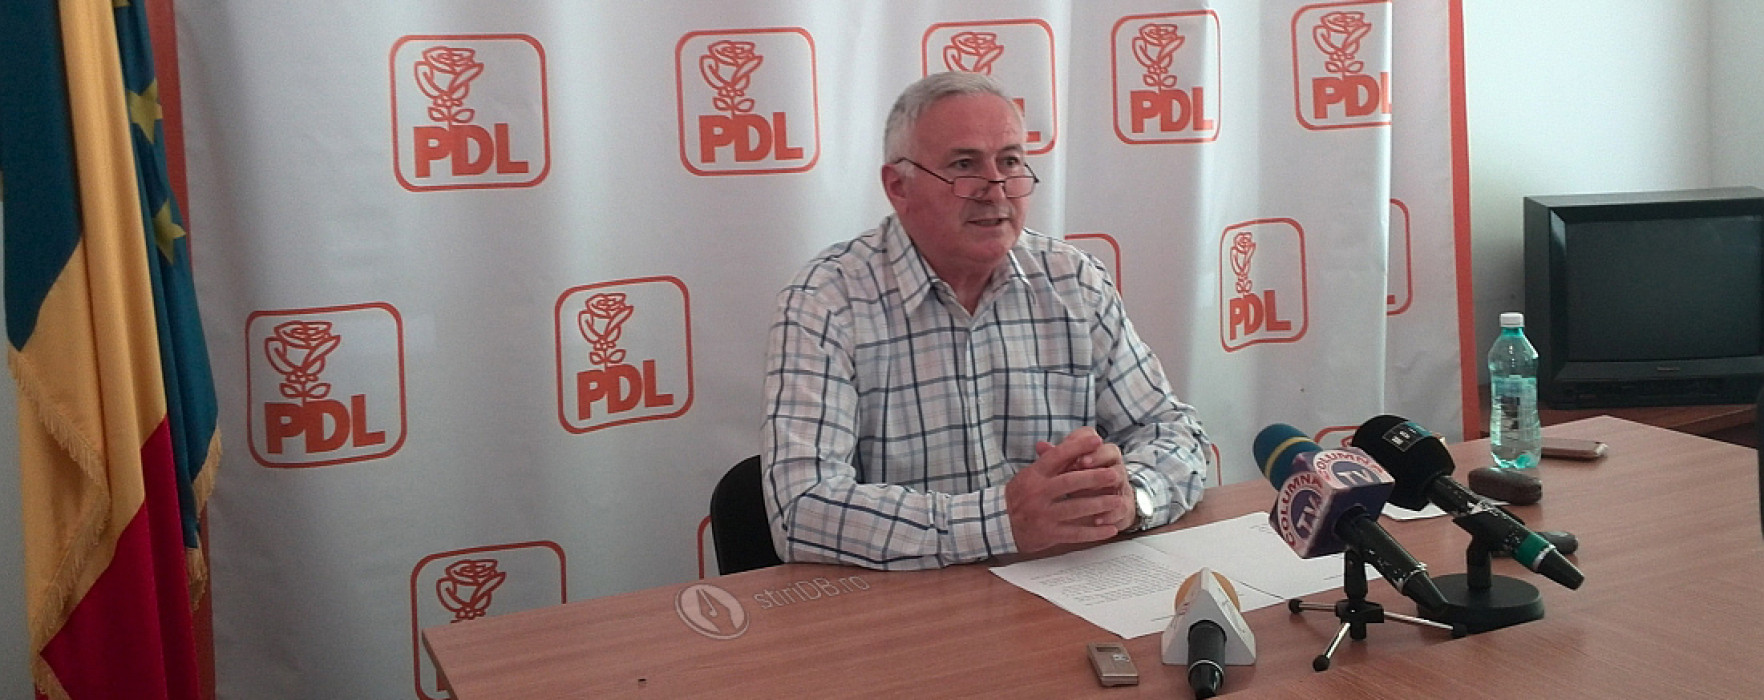 PDL Dâmboviţa anunţă că va exclude primari şi consilieri locali care colaborează cu PSD